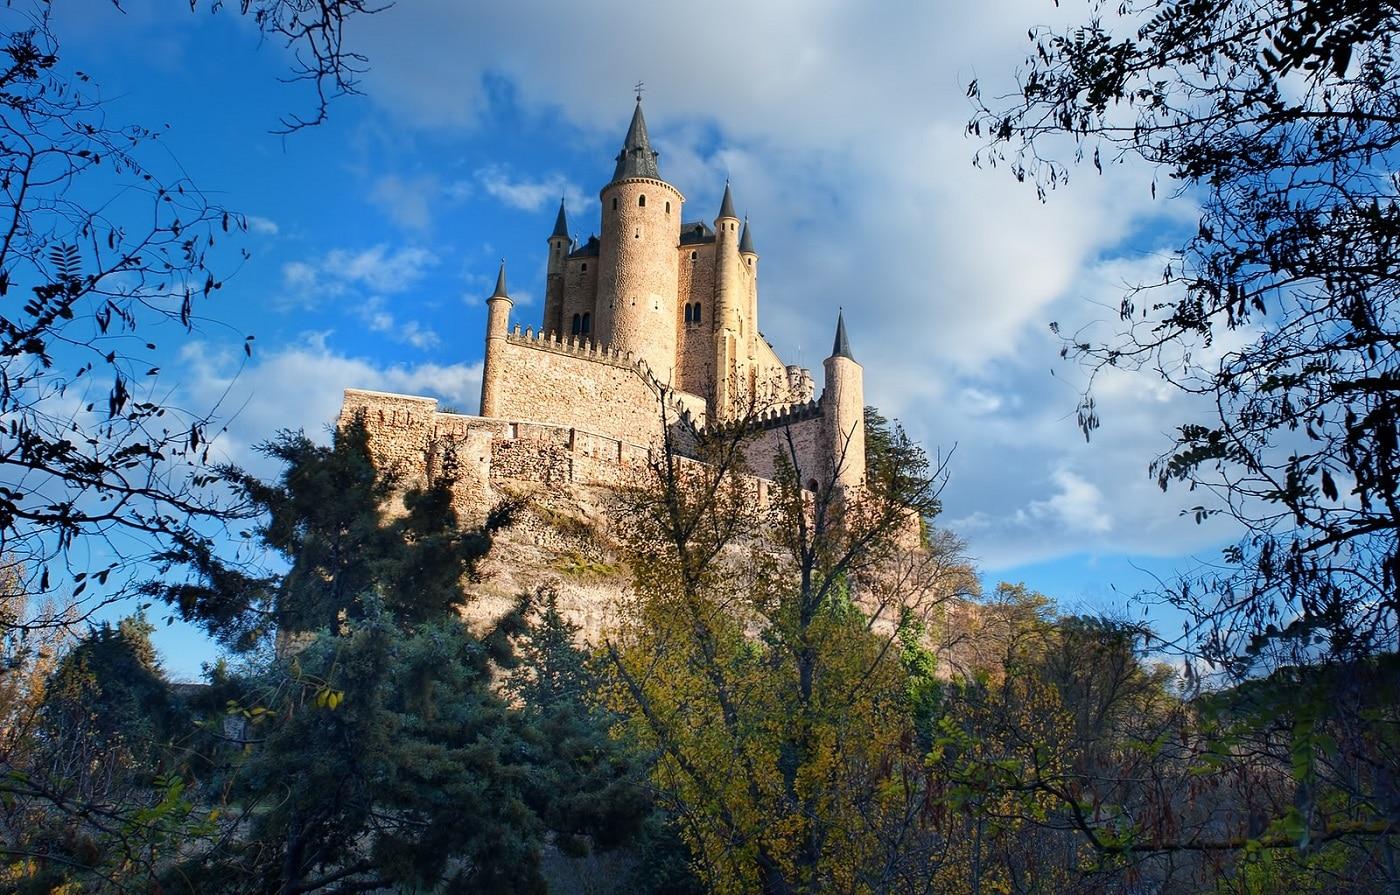 Poziţia castelului oferă privelişti deosebite ale Oraşului Segovia